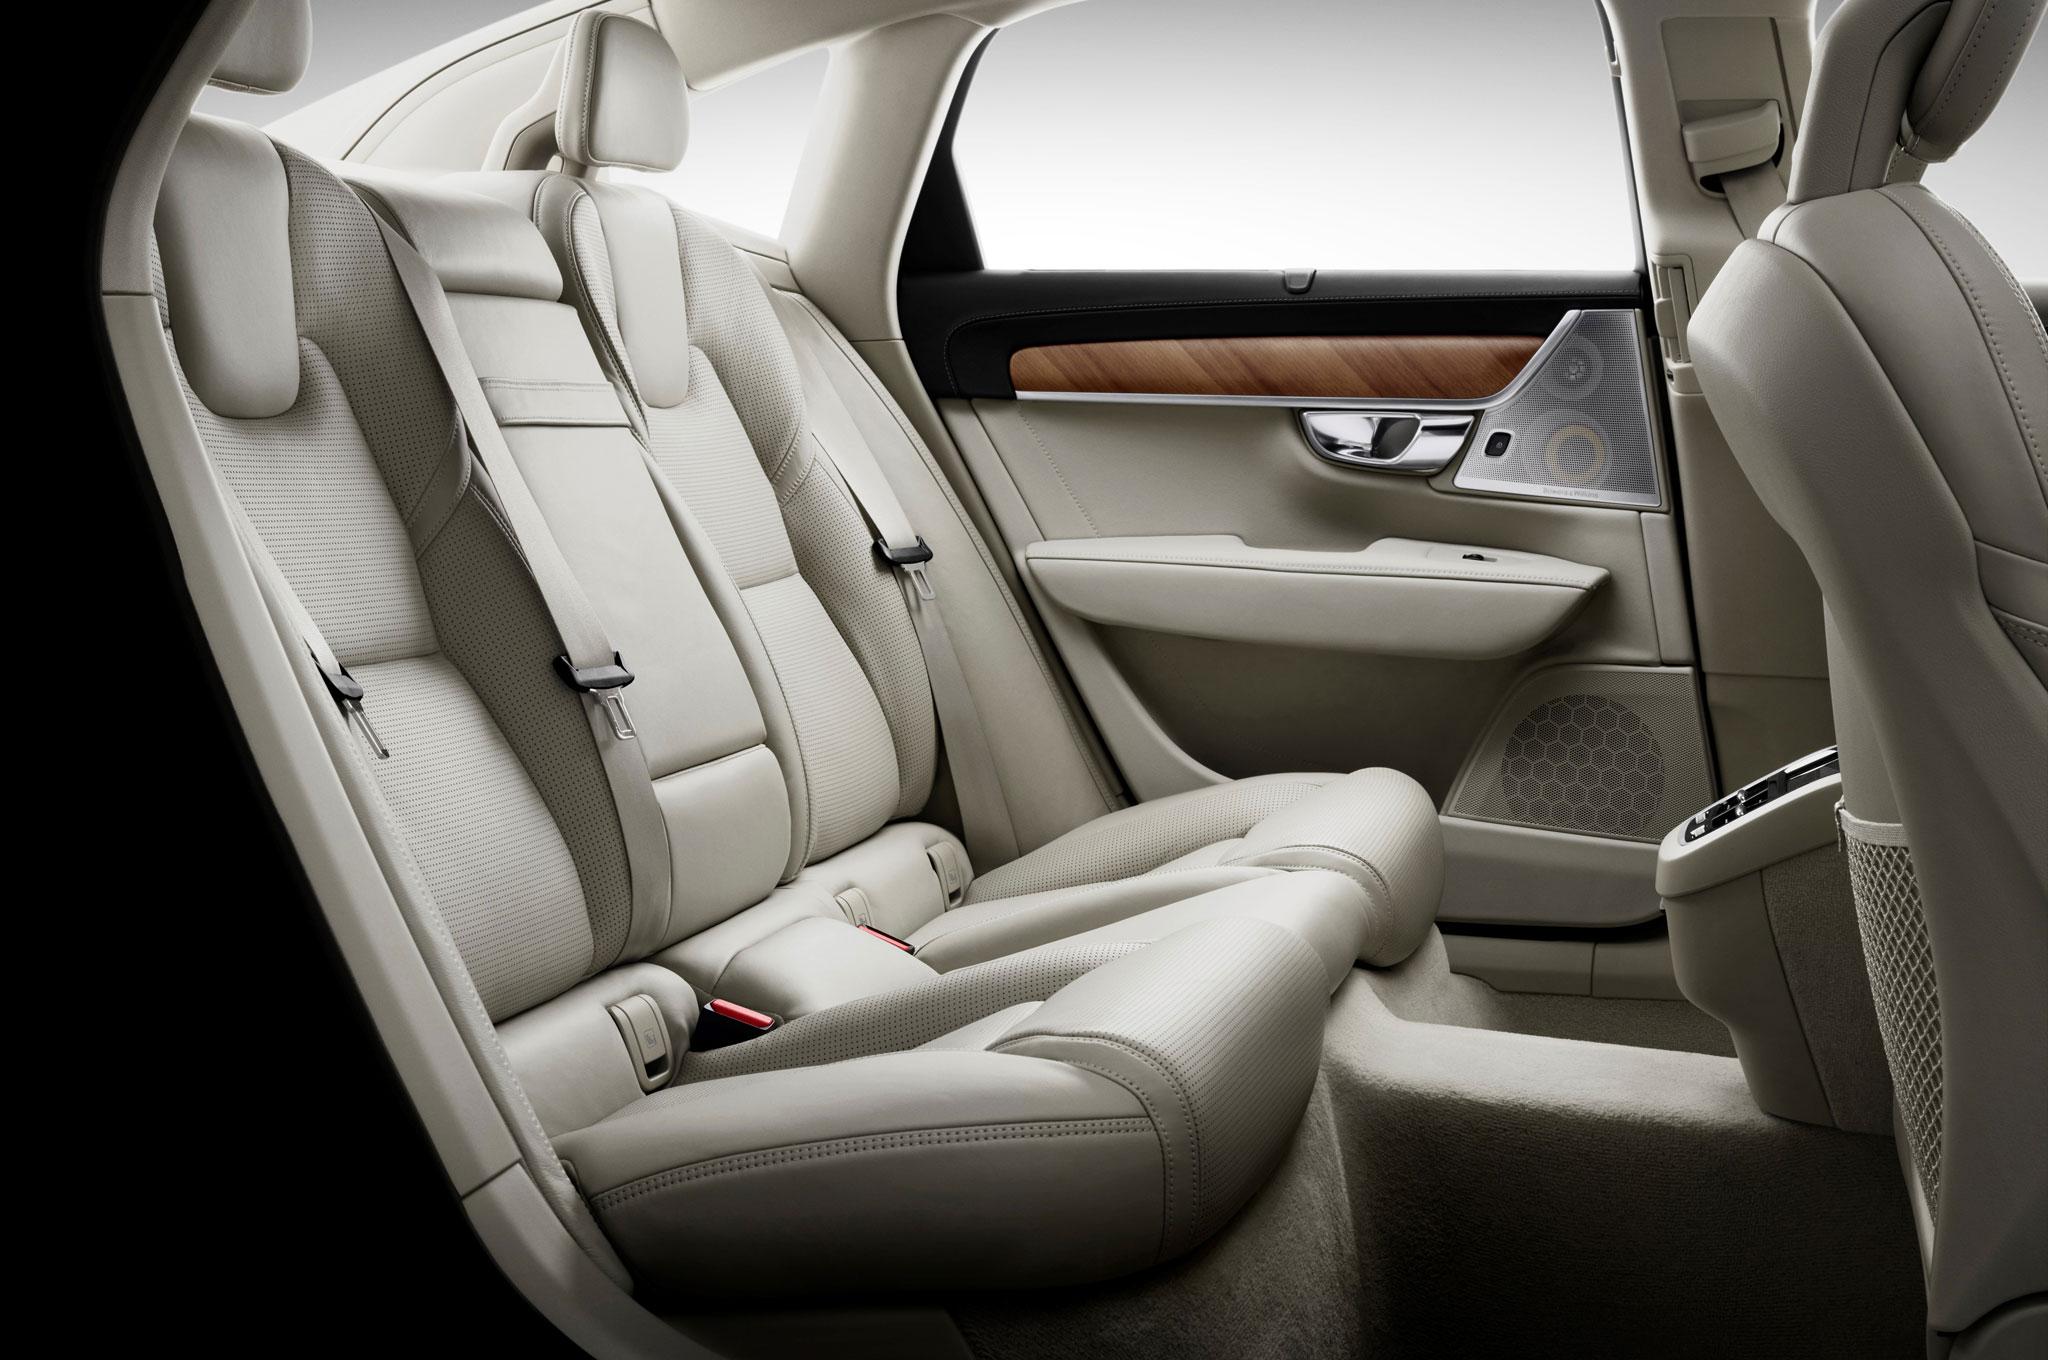 2018 volvo s90 interior. plain 2018 show more in 2018 volvo s90 interior a